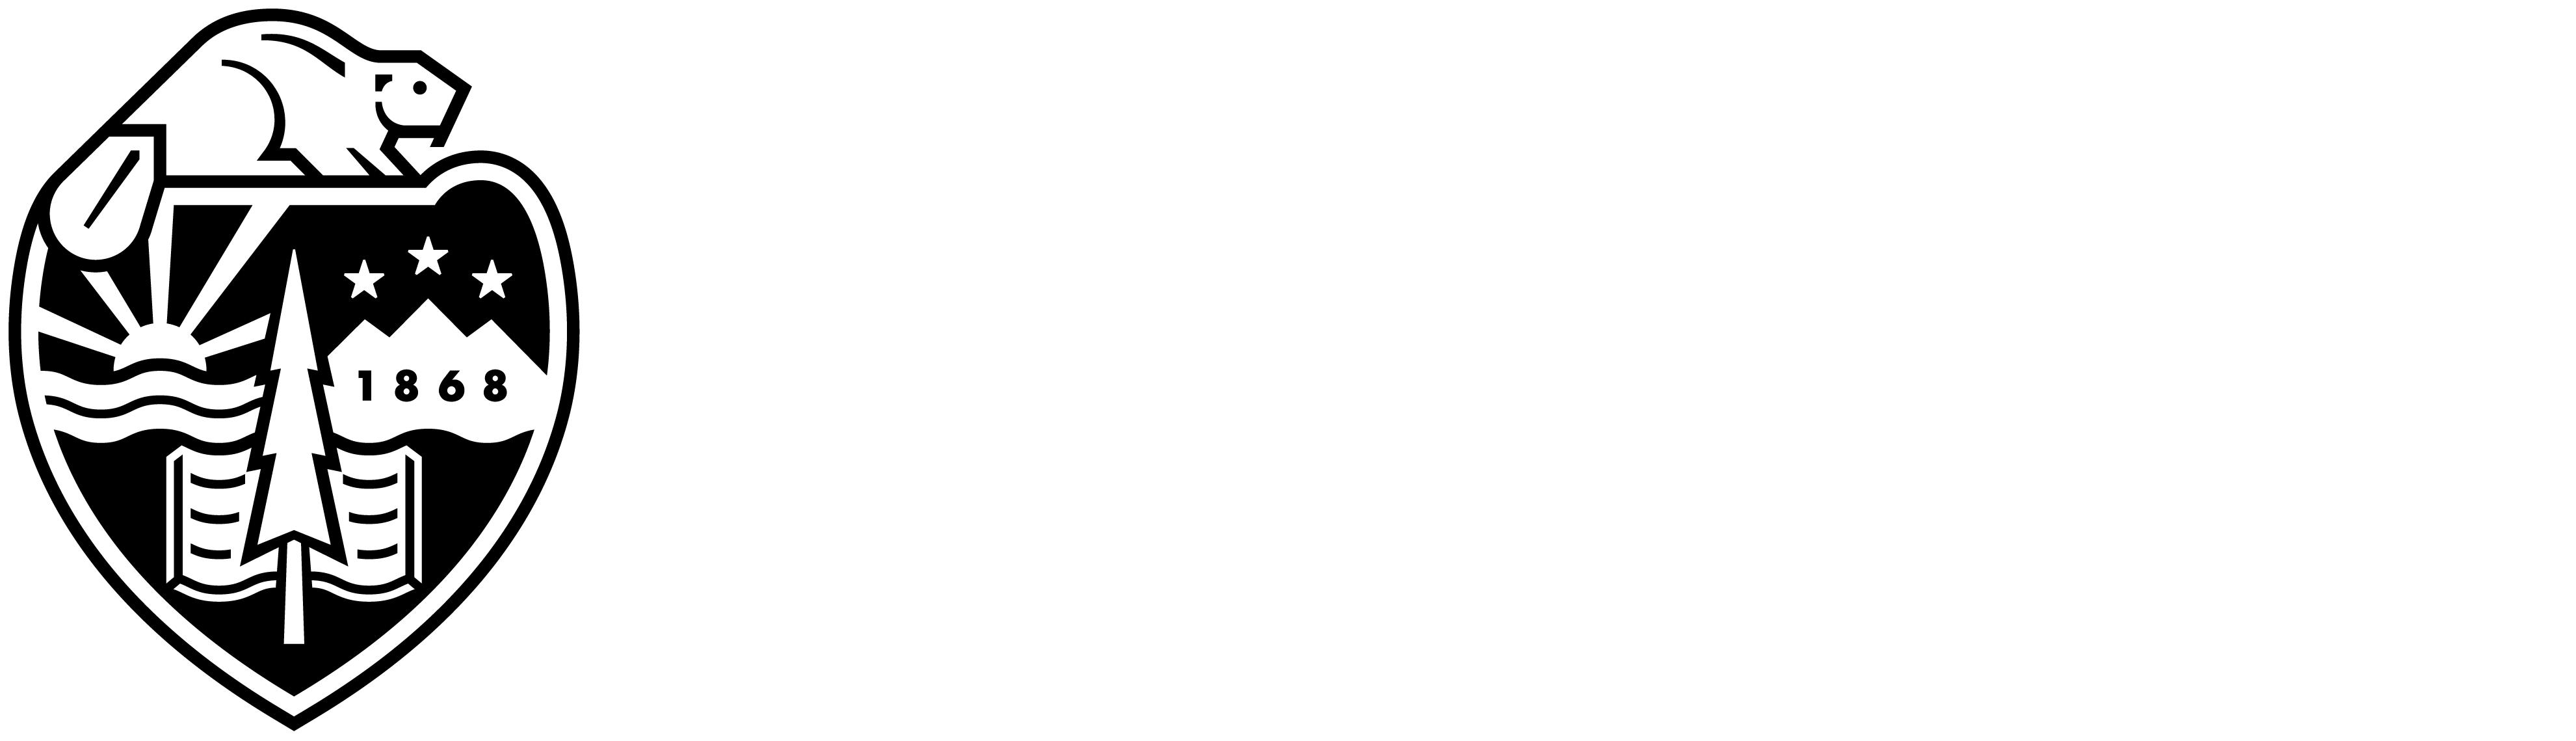 Linus Pauling Institute Logo